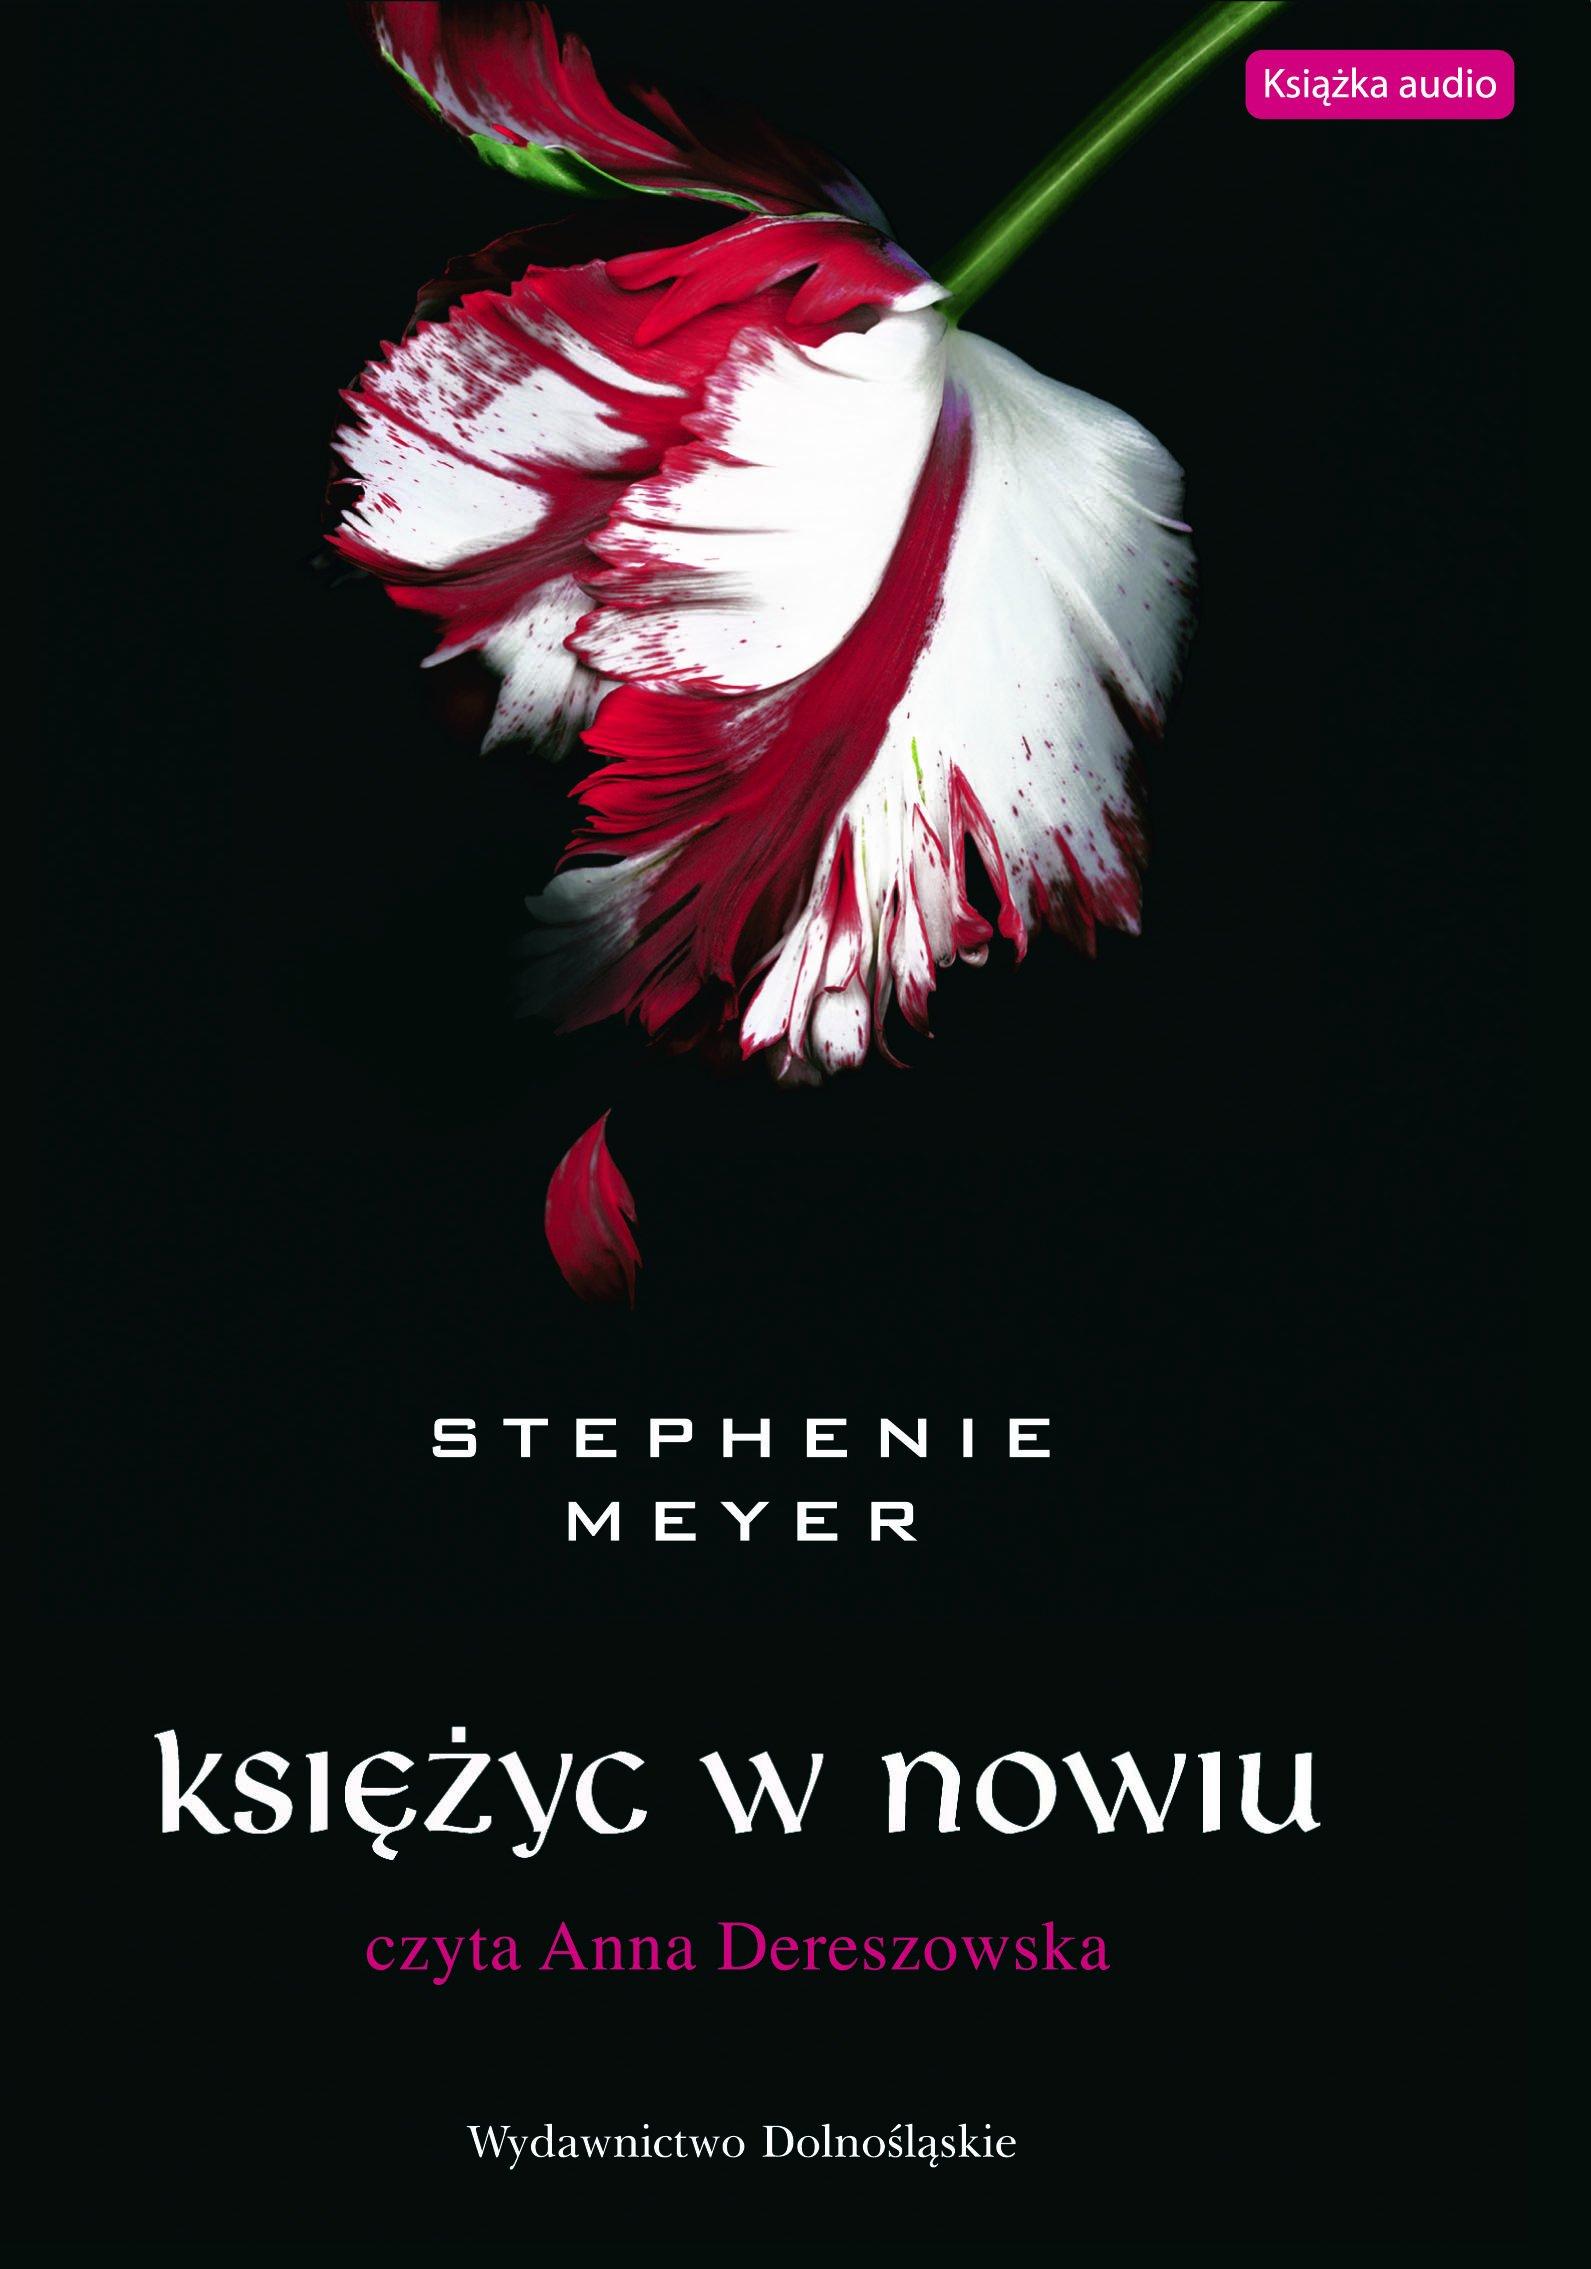 Księżyc w nowiu - audiobook – Stephenie Meyer, Wydawnictwo Dolnośląskie, powieści, audio, mp3, książki audio, saga, opowiesc, romans, obyczajowe, kryminał i sensacja, epartnerzy.com